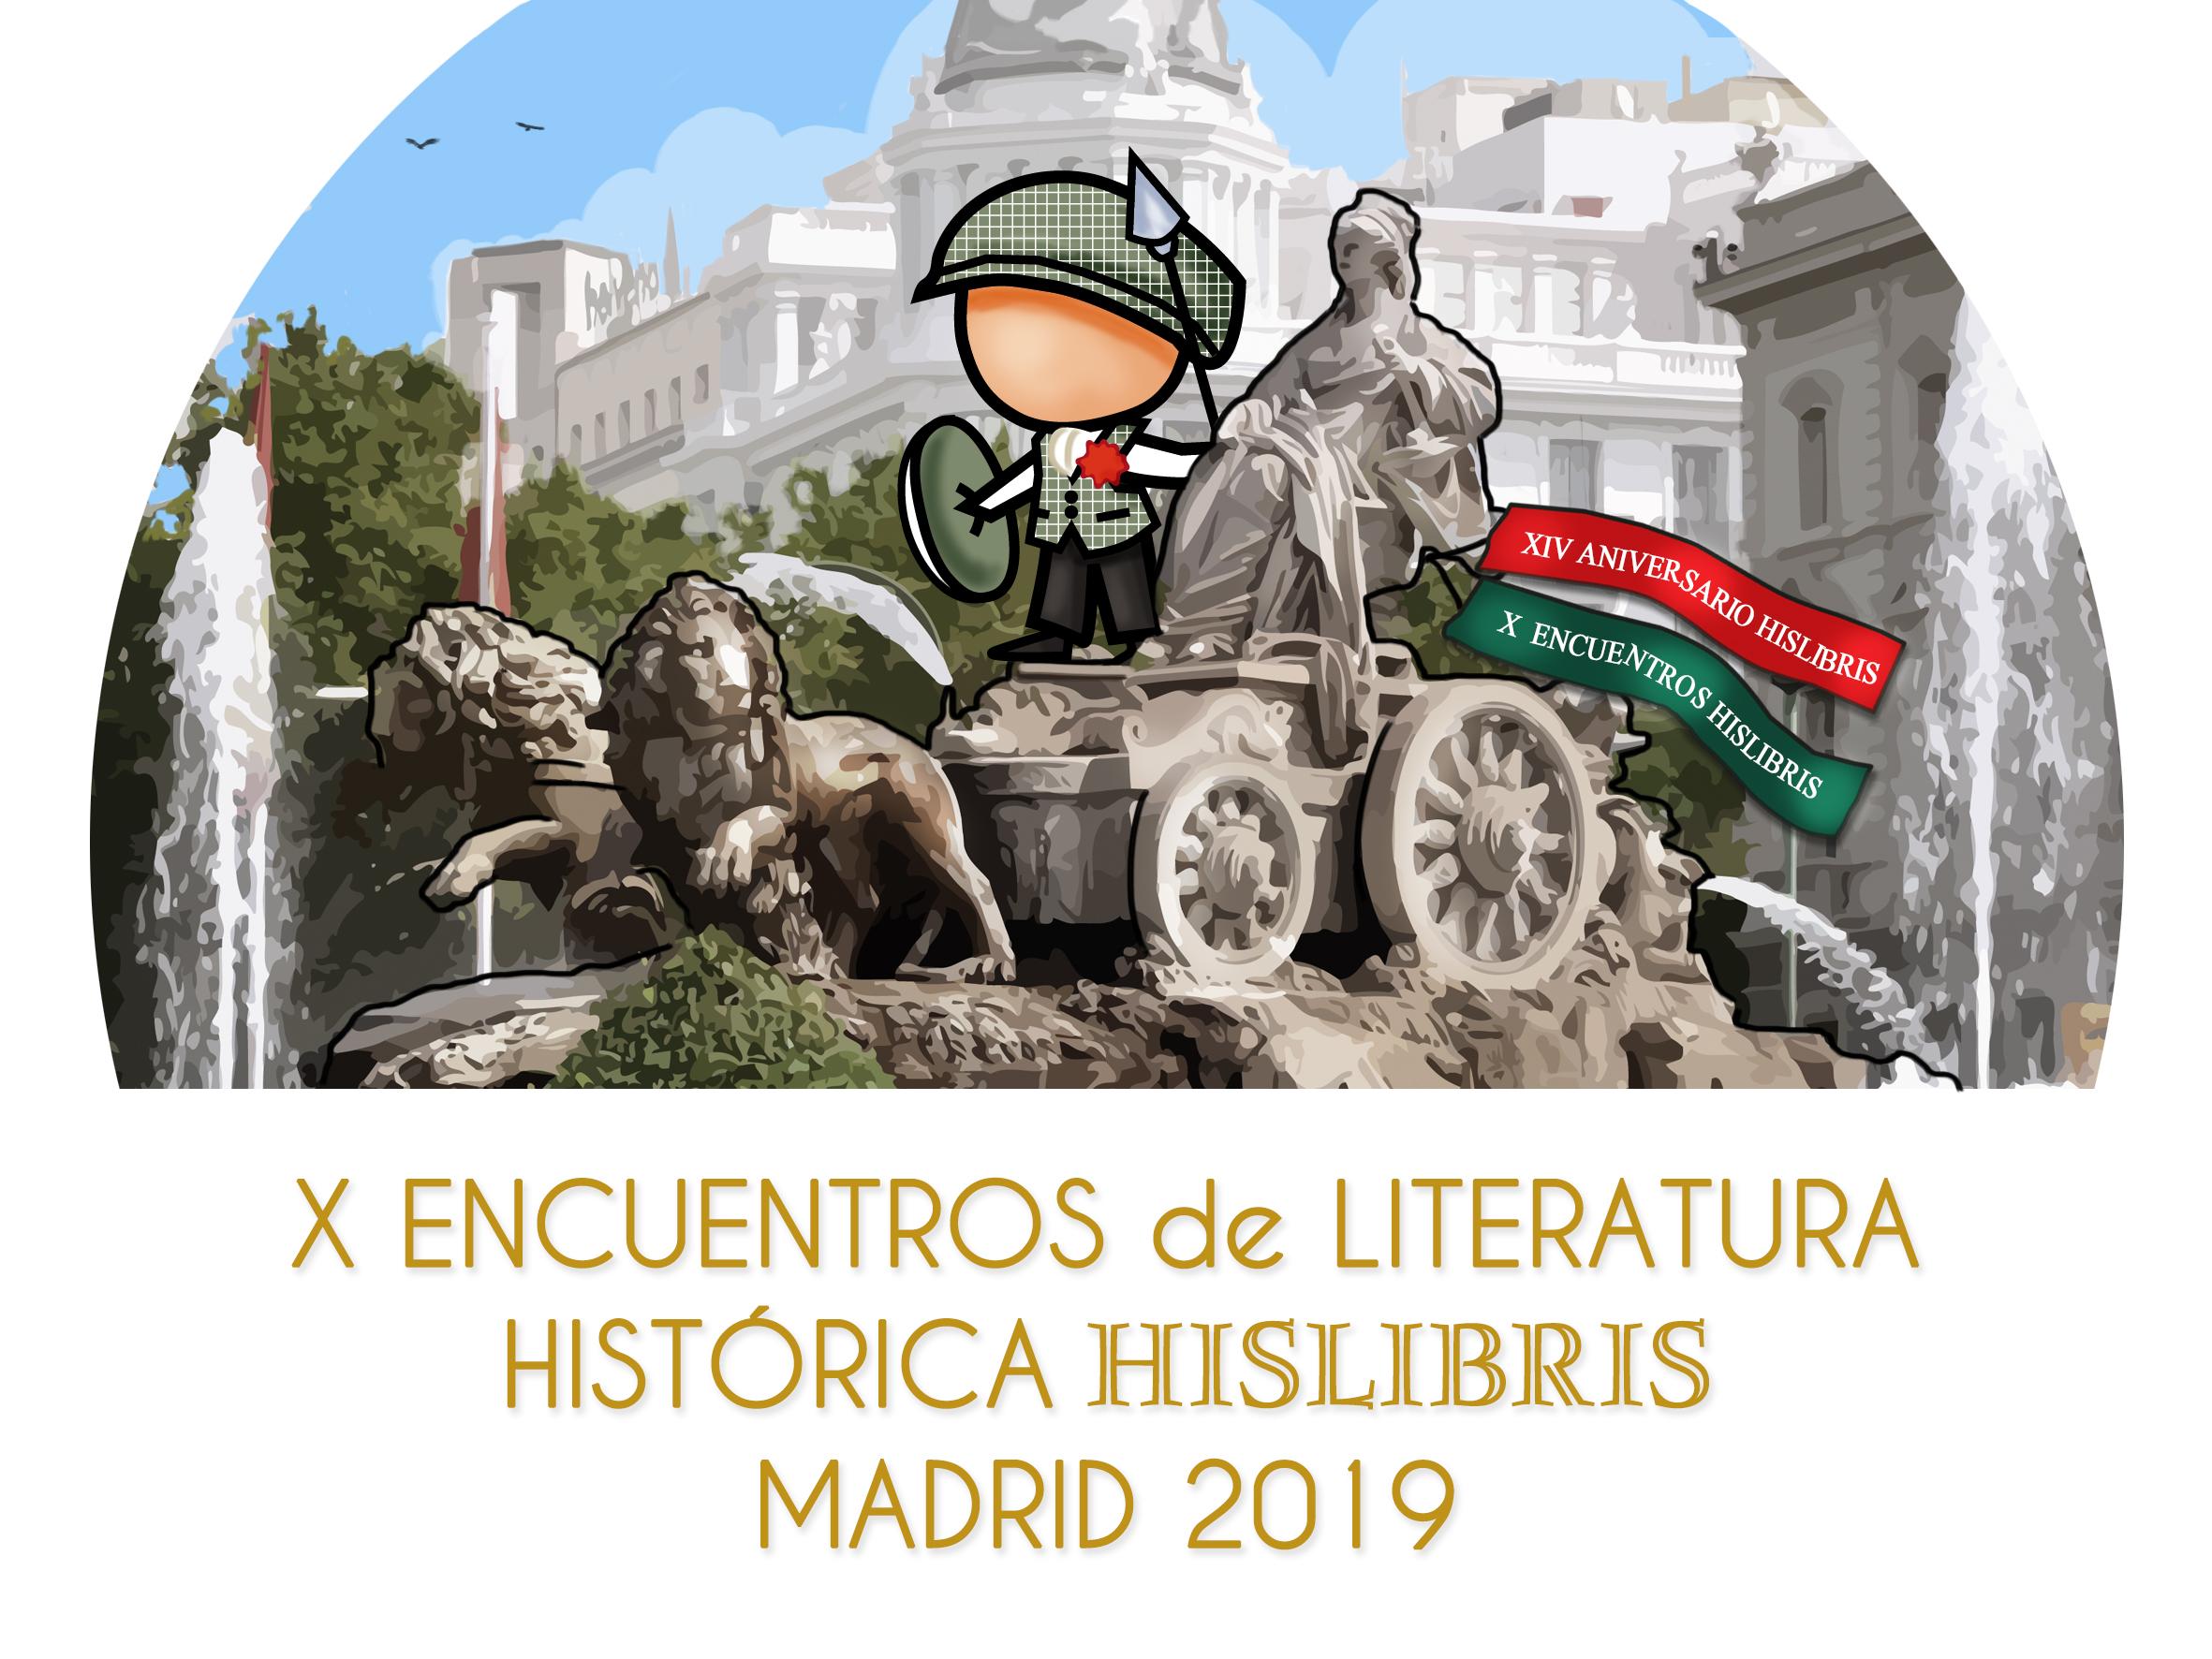 NUEVA CITA HISTÓRICA: MADRID 2019, X ENCUENTROS HISLIBRIS